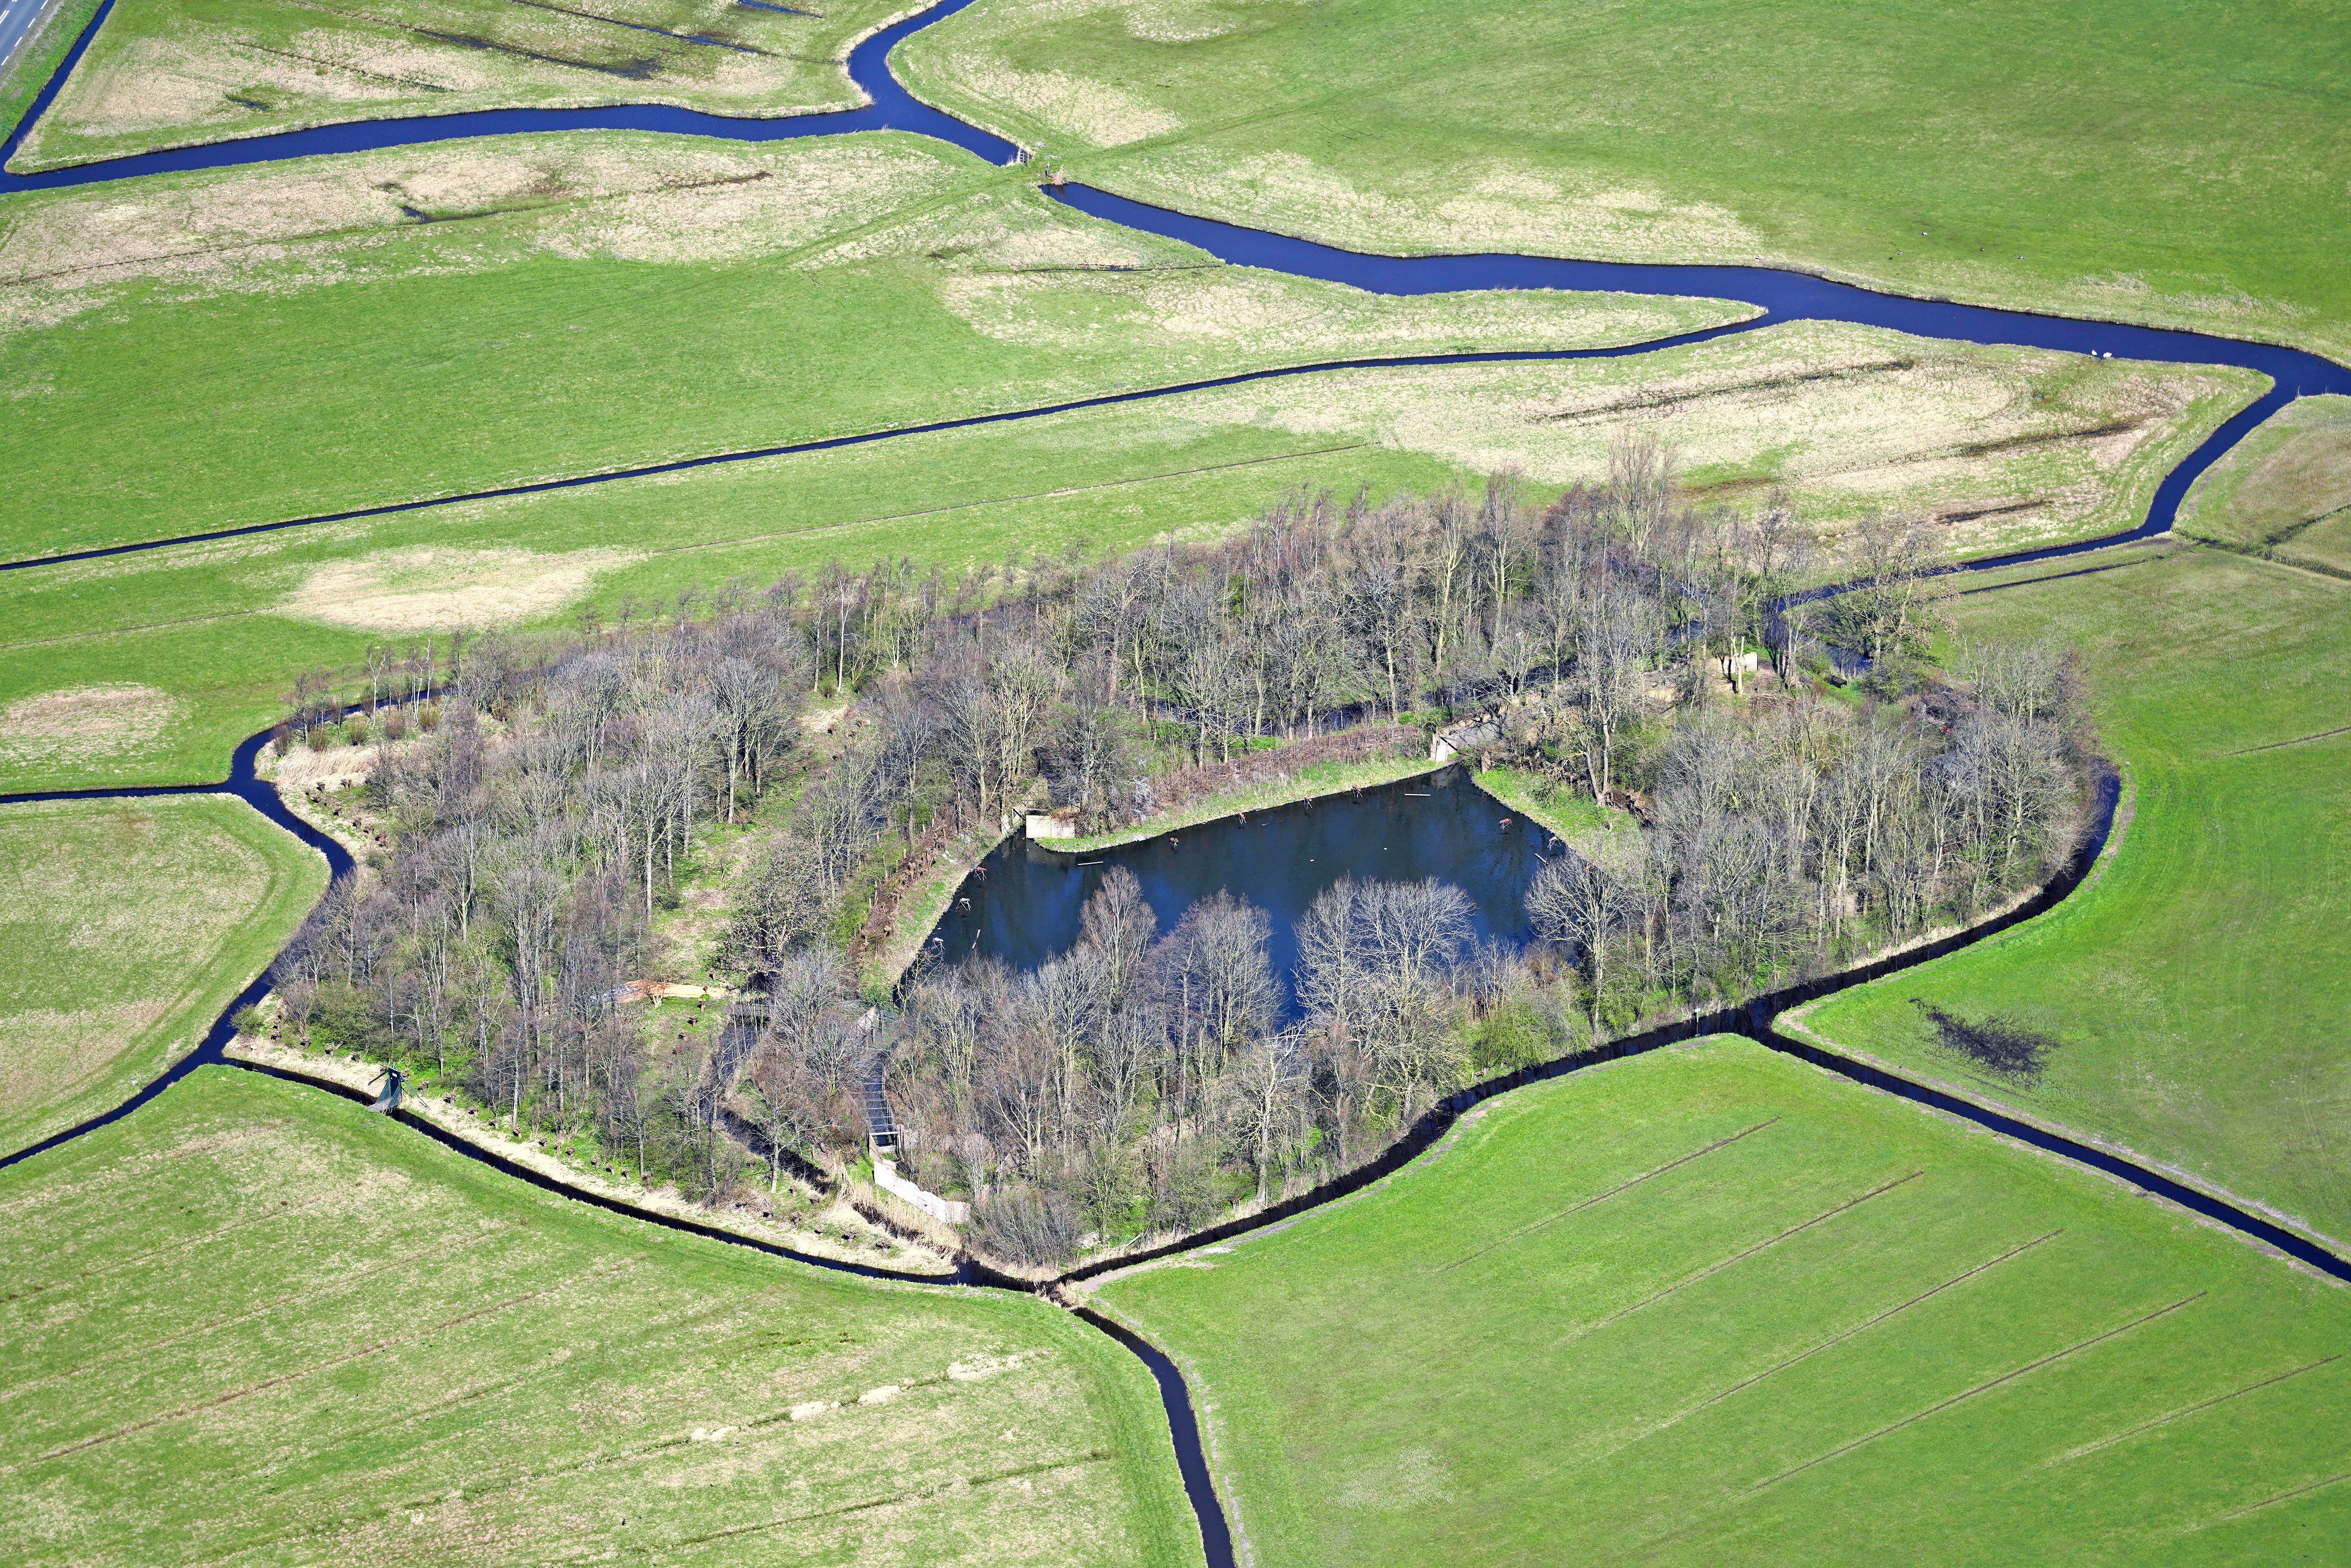 Landschap Noord-Holland komt halve ton te kort voor eendenkooi in Uitgeest; start van crowdfundingsactie [video]